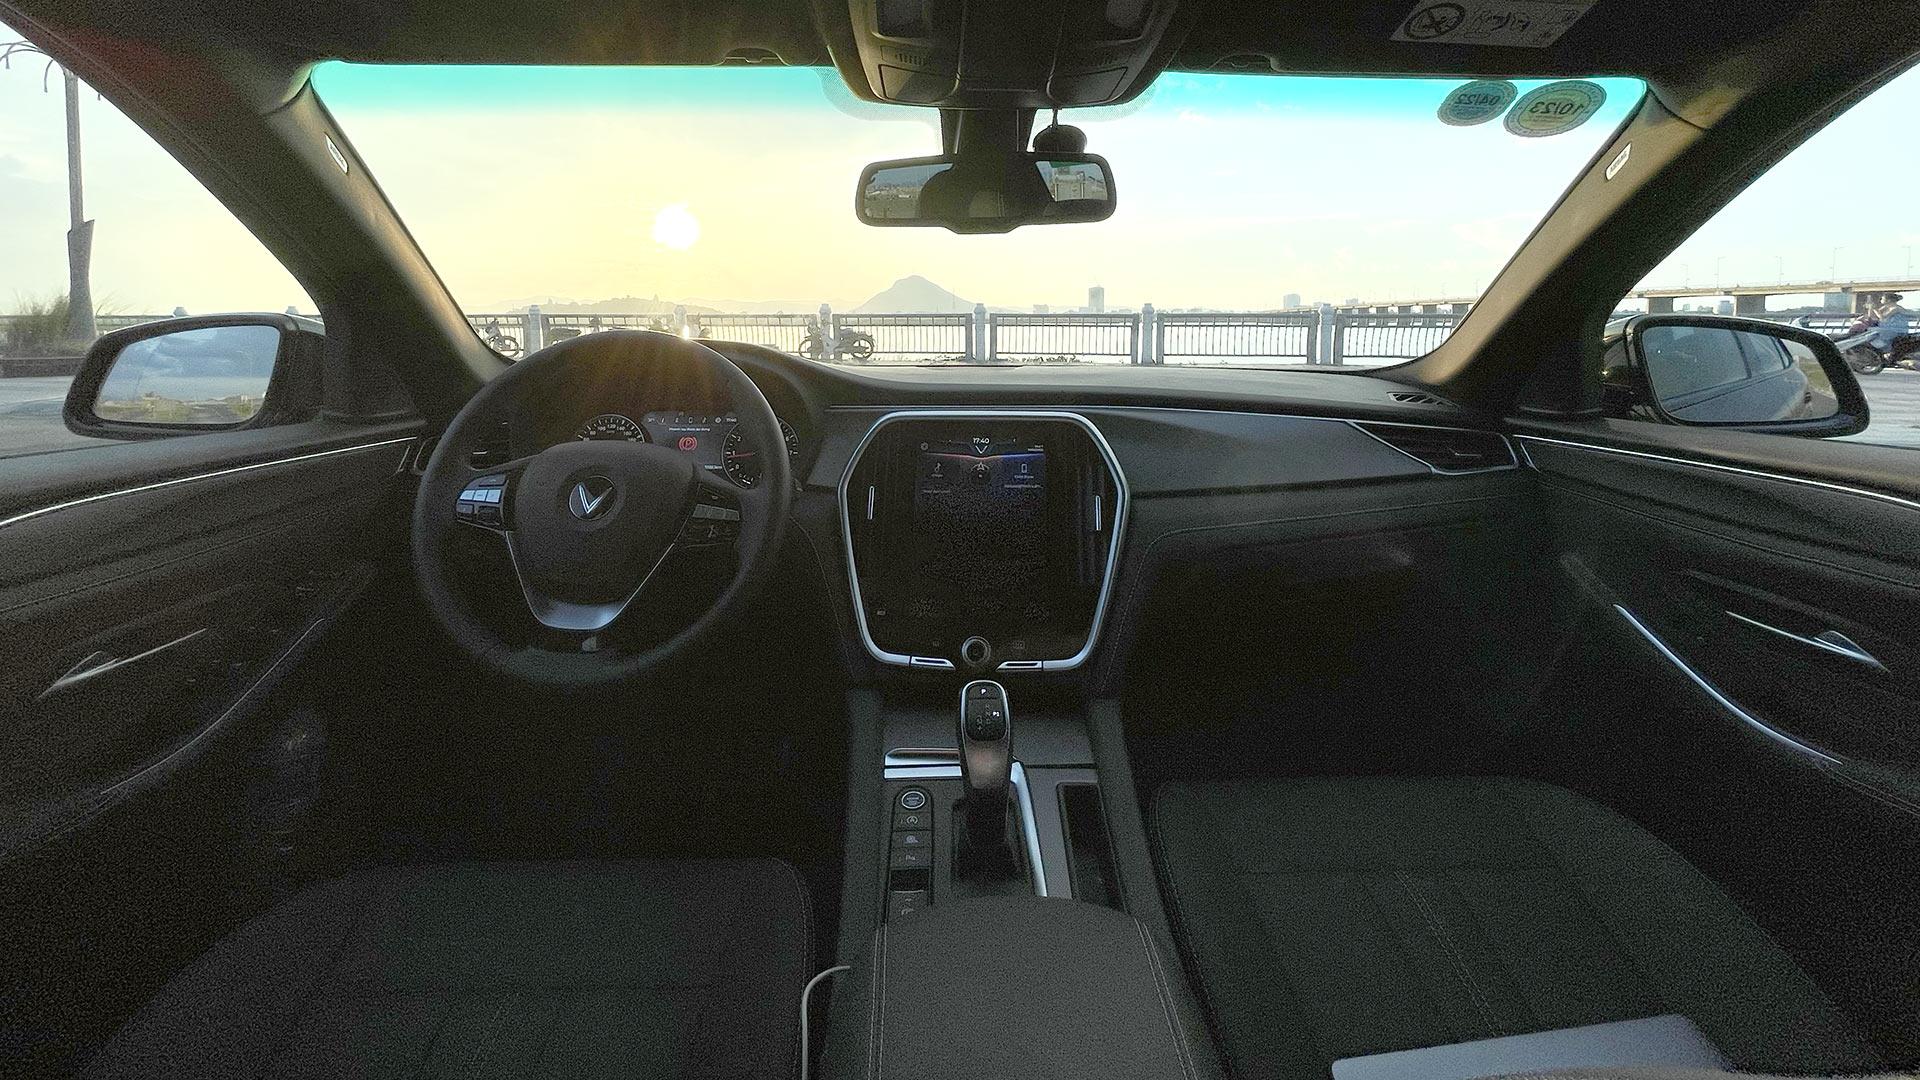 Chủ xe VinFast Lux A2.0 nói thẳng về khả năng vận hành và cách âm  - Ảnh 5.